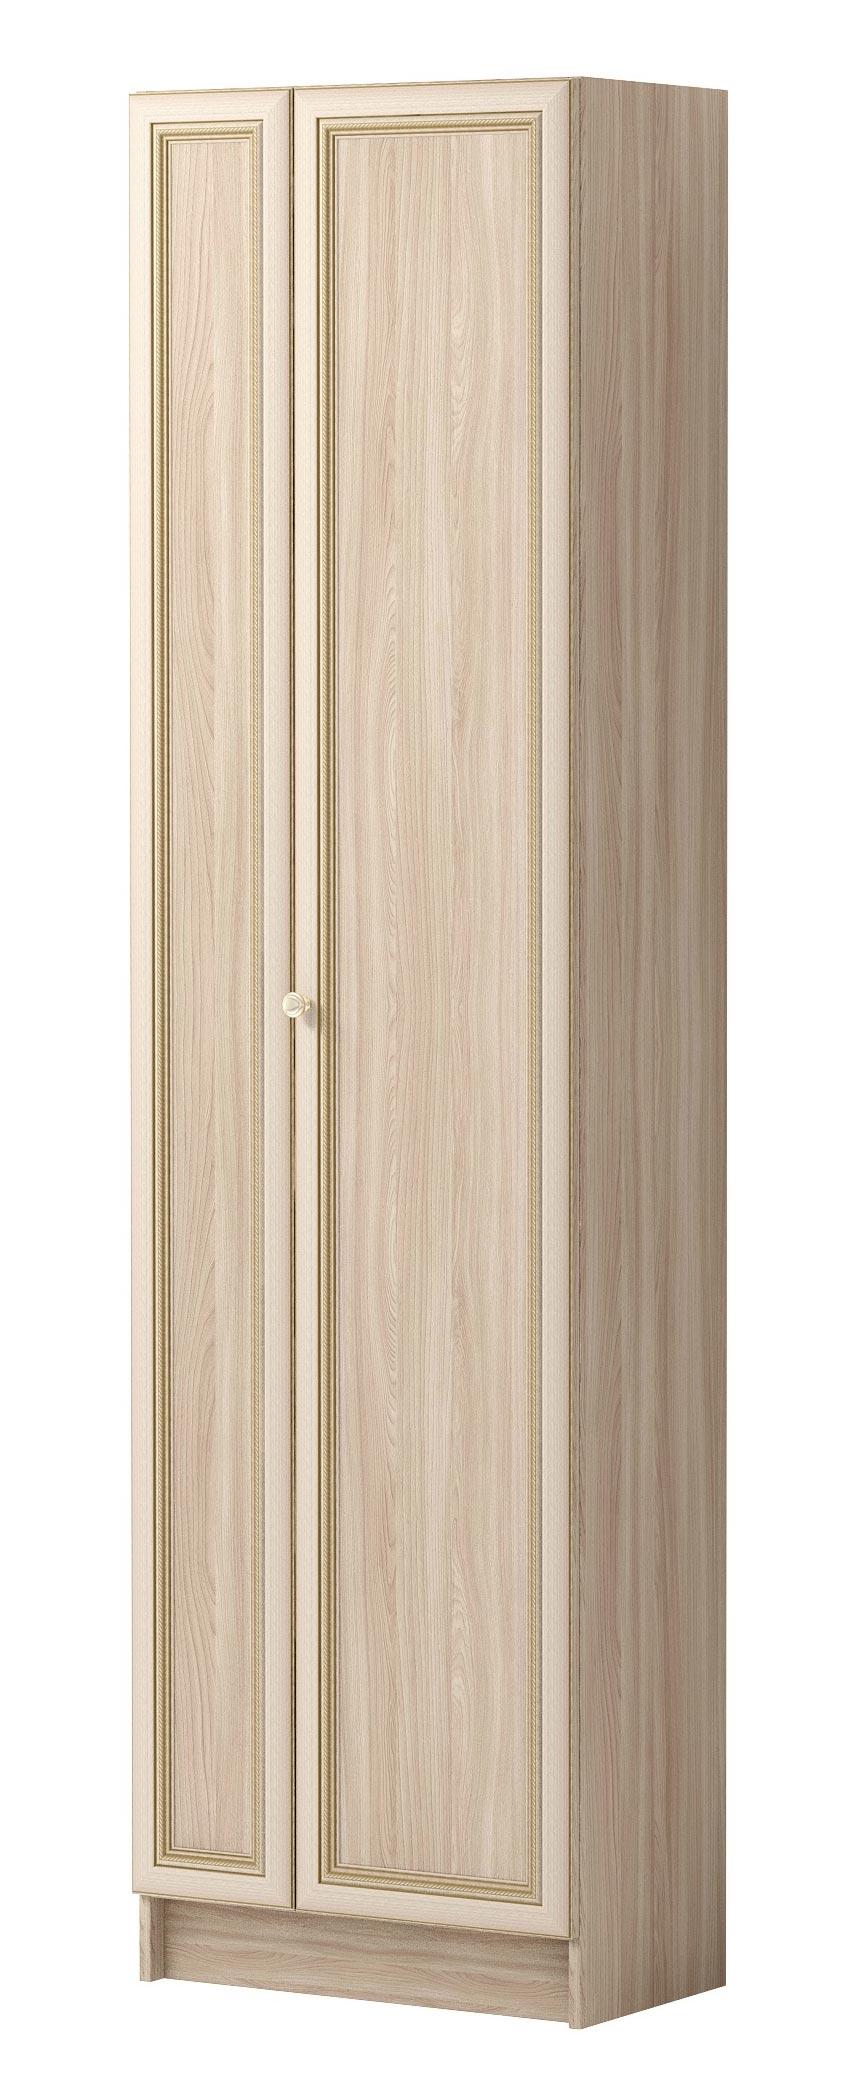 Шкаф для одежды Ижмебель Брайтон, арт. 16